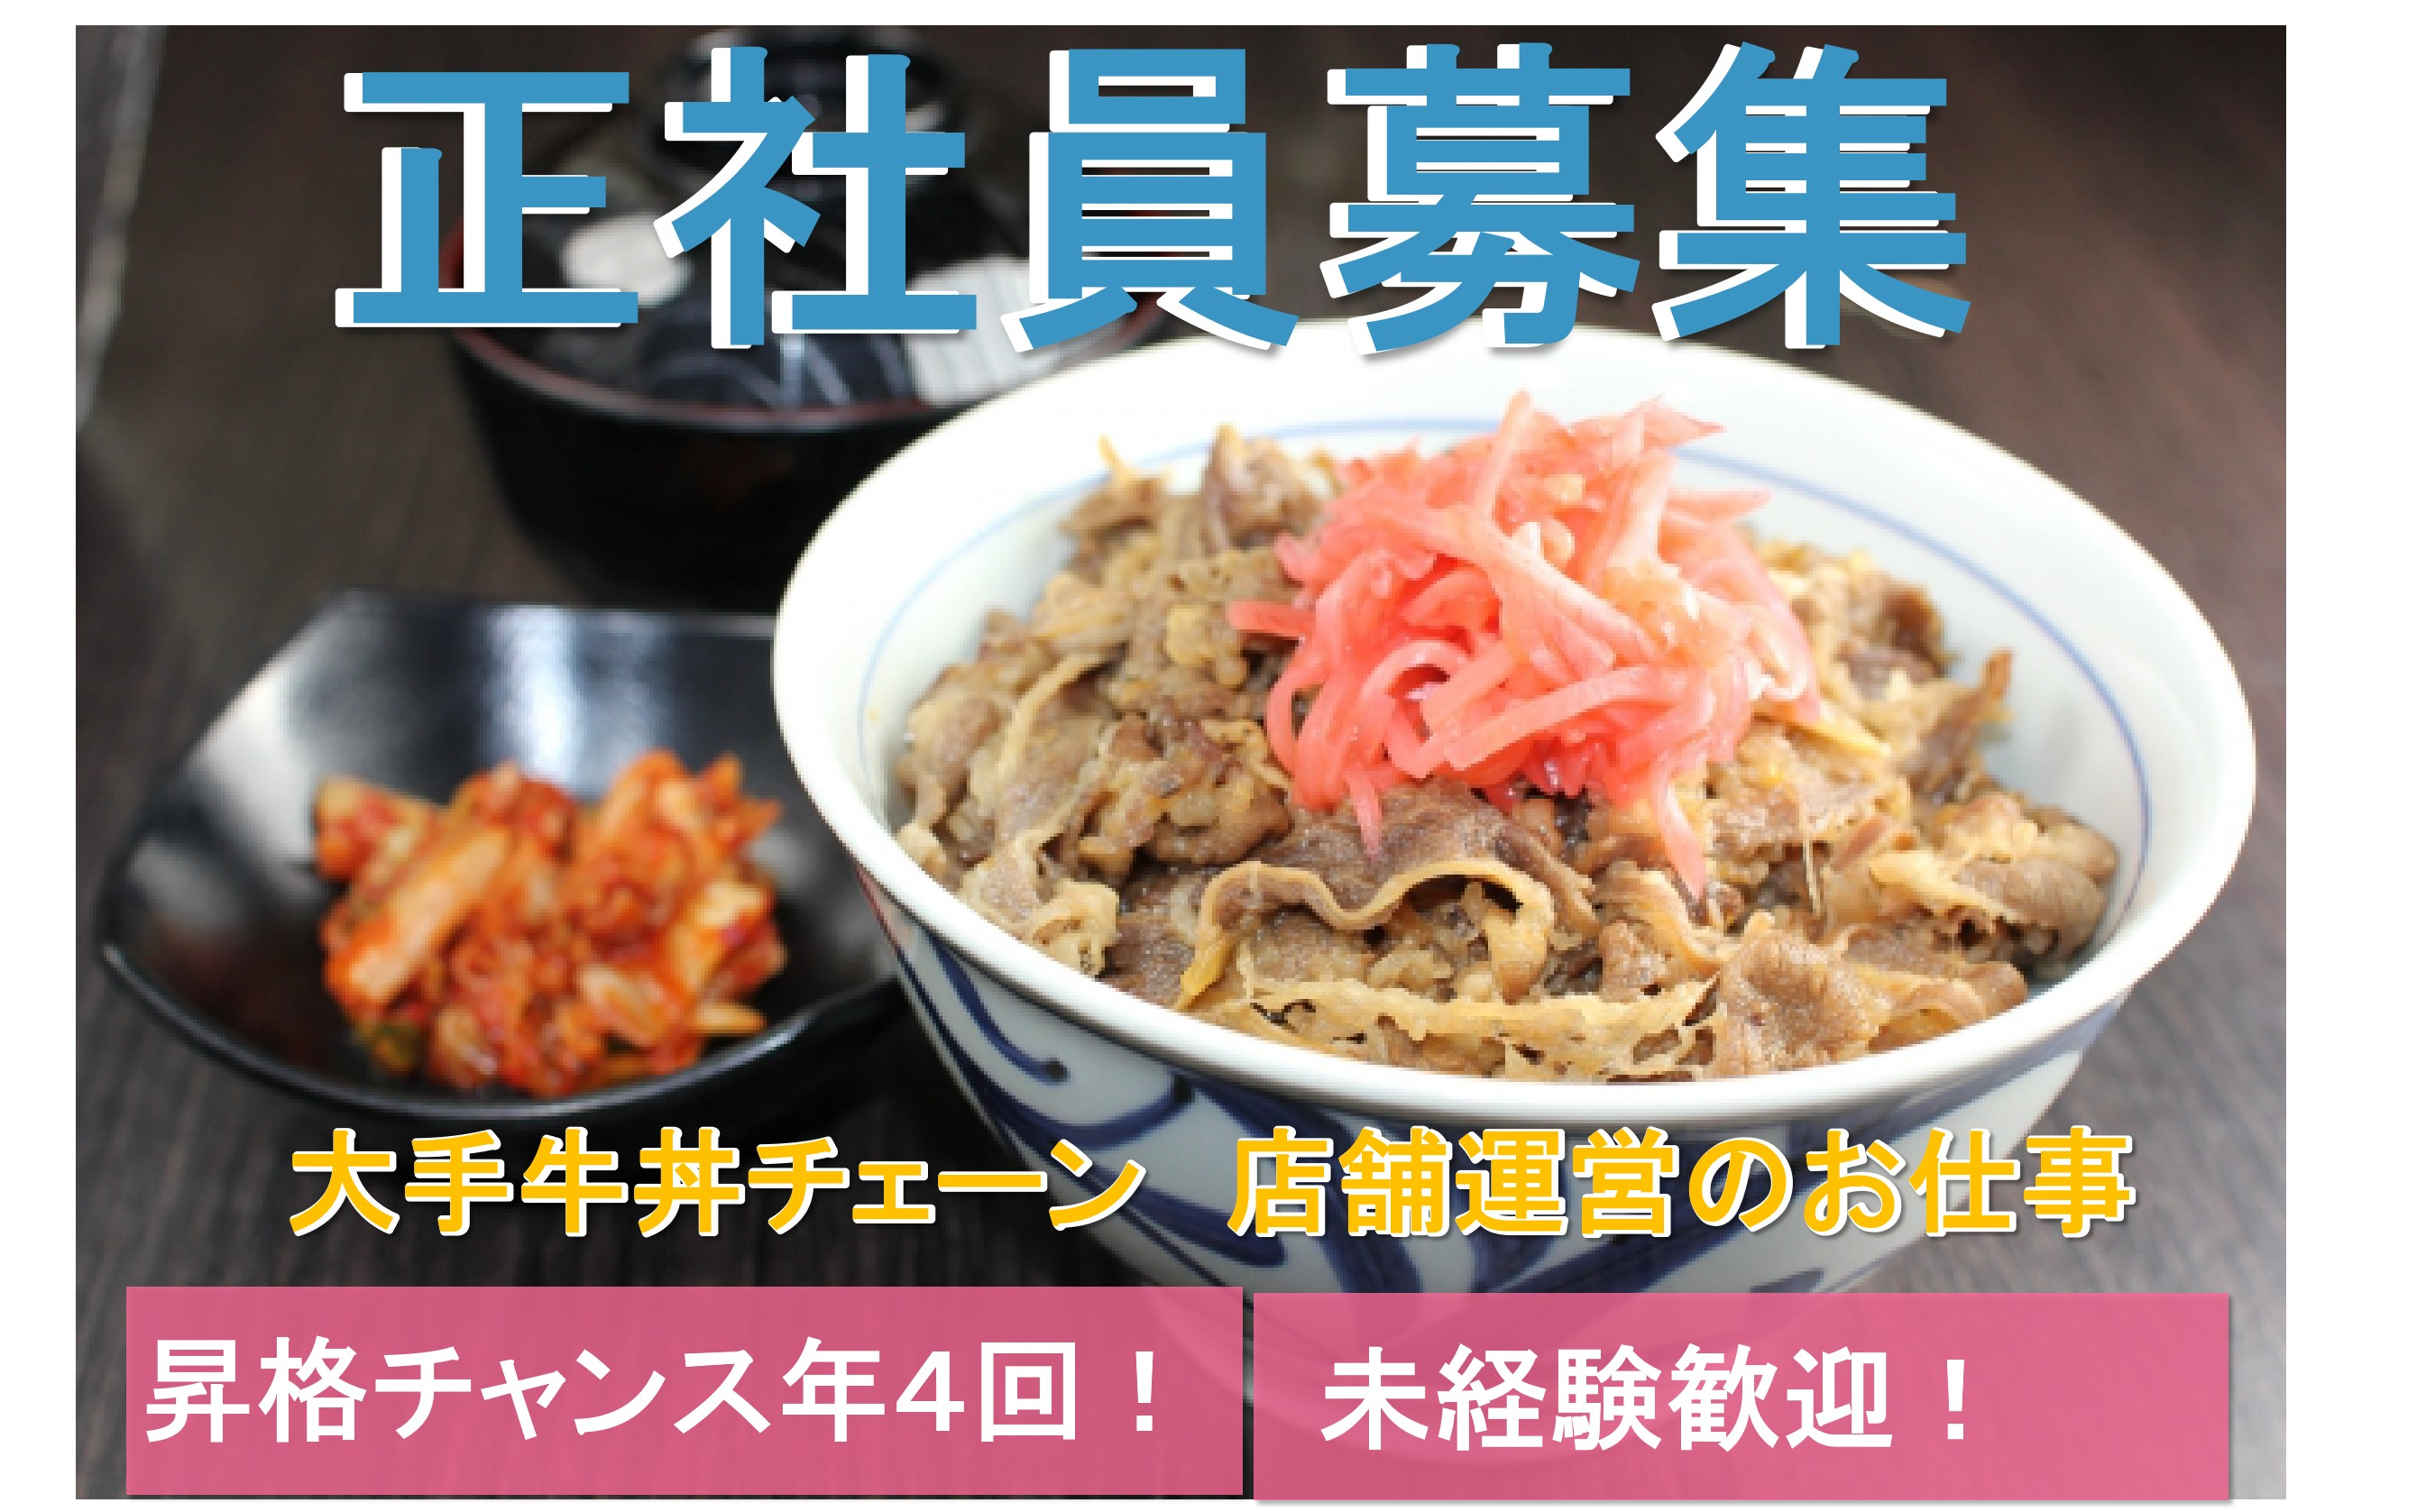 [急募]週休2日制・経験ゼロから・牛丼屋の店舗運営スタッフ[正社員] 可児市 イメージ